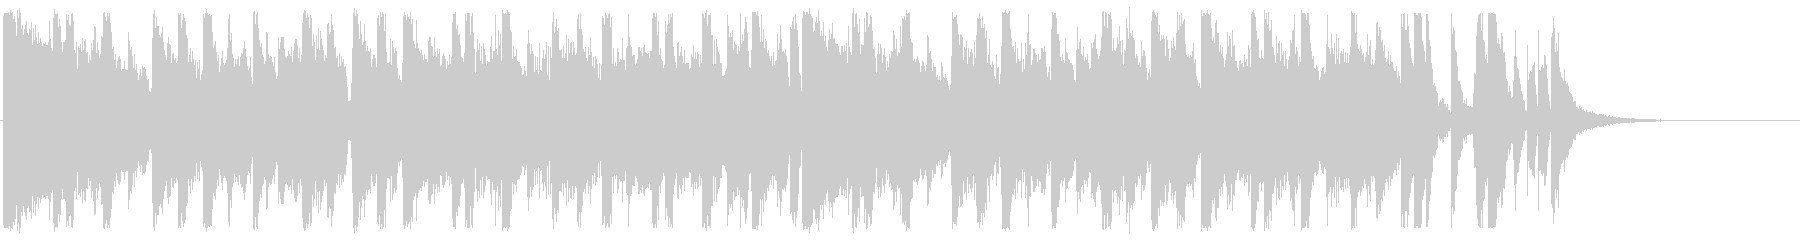 おしゃれ/J-pop_No590_4の未再生の波形